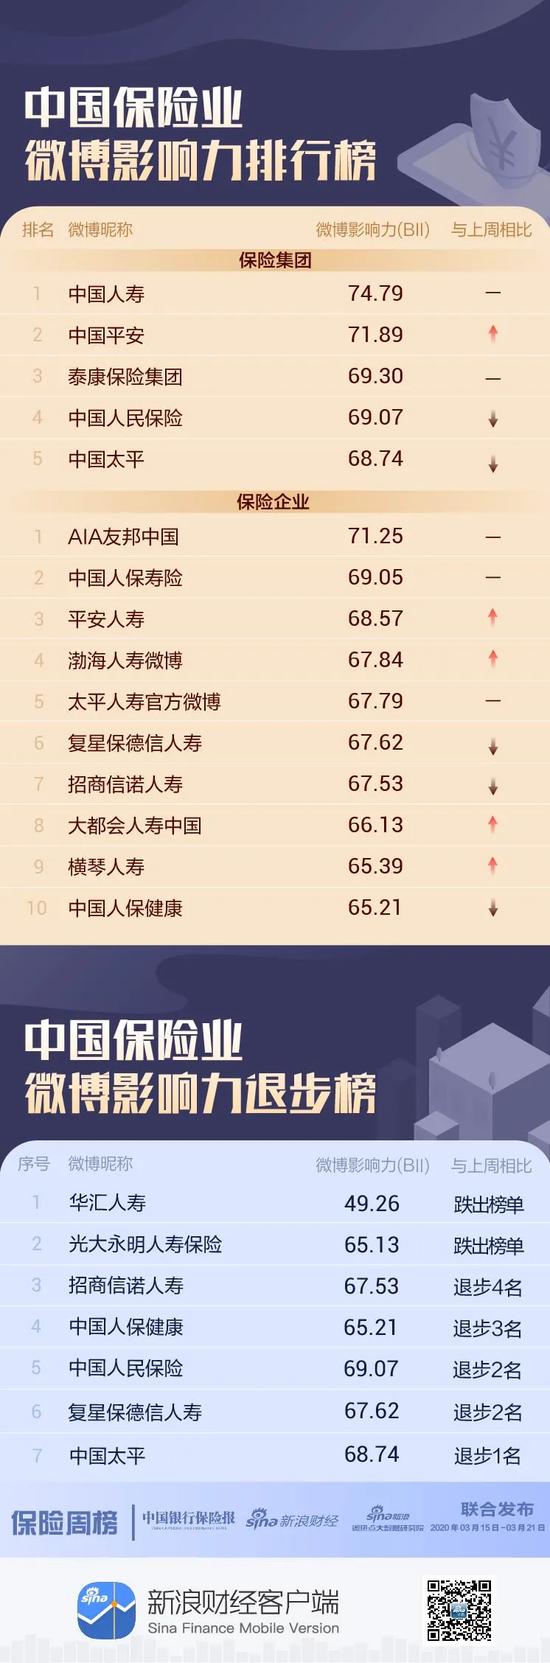 保险机构微博影响力哪家强?华汇人寿跌出企业榜前十